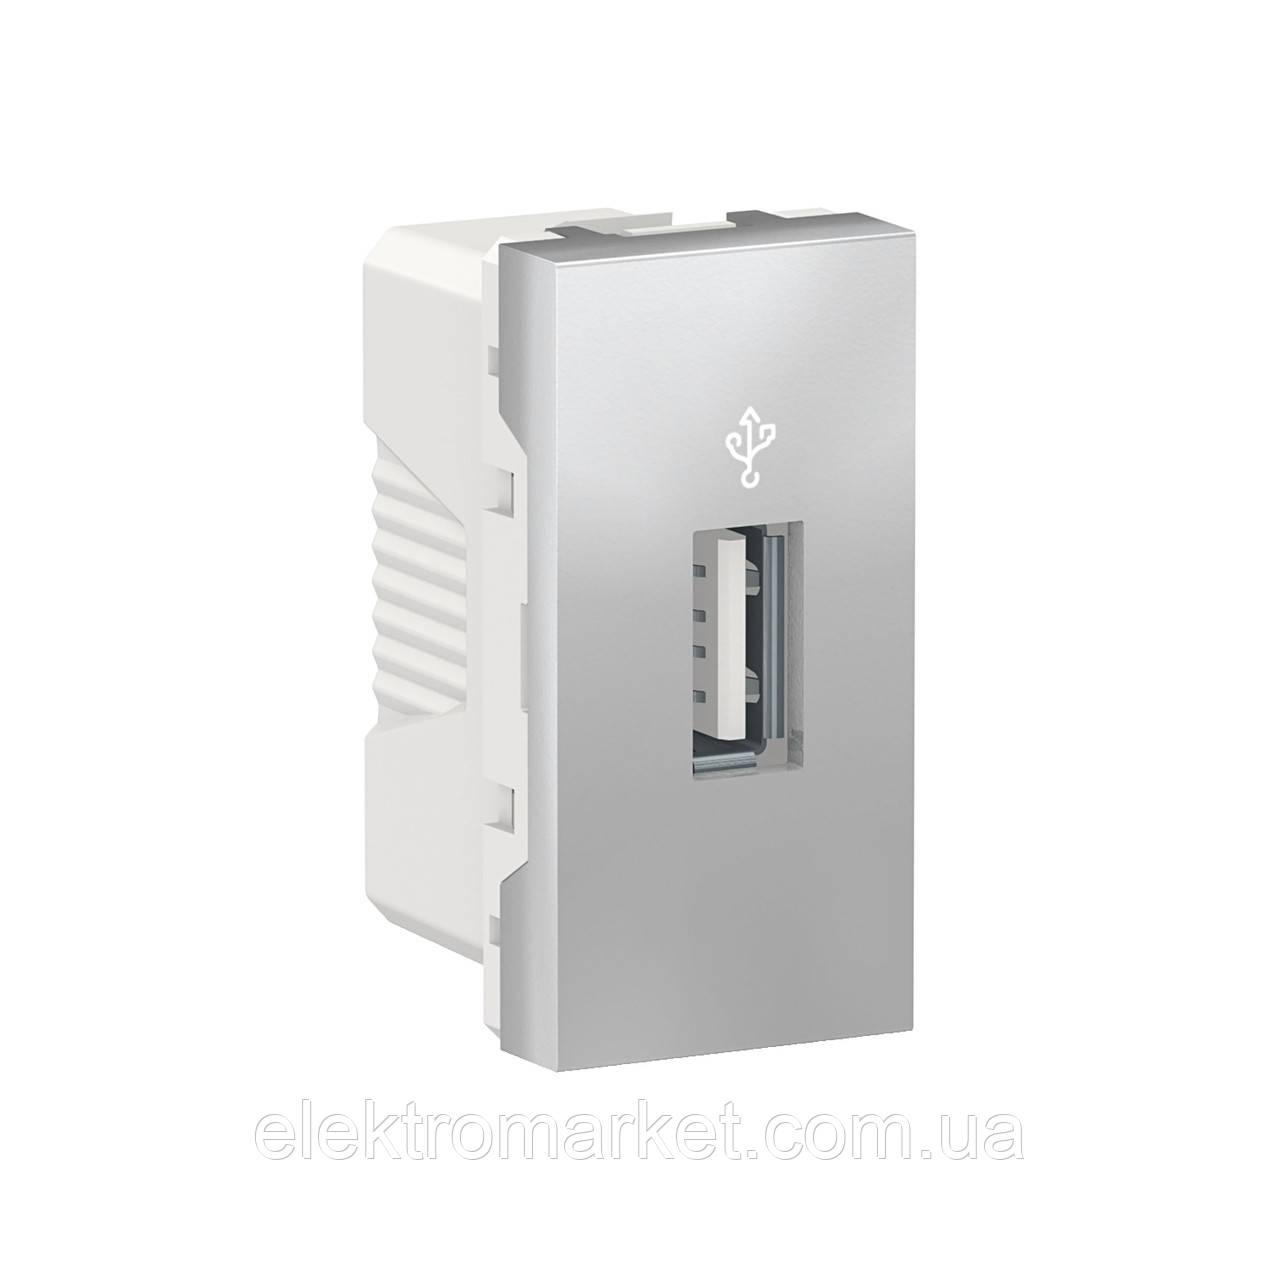 USB-коннектор 1 модуль алюміній